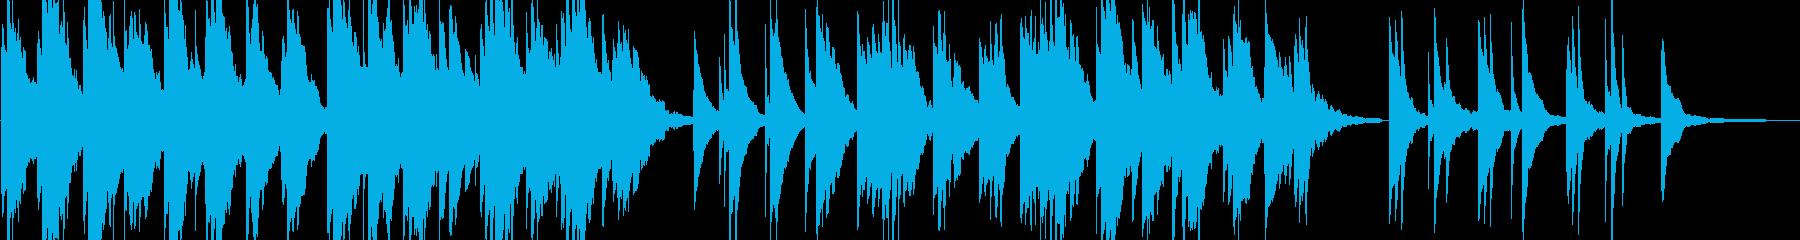 企業VP15 16bit44kHzVerの再生済みの波形